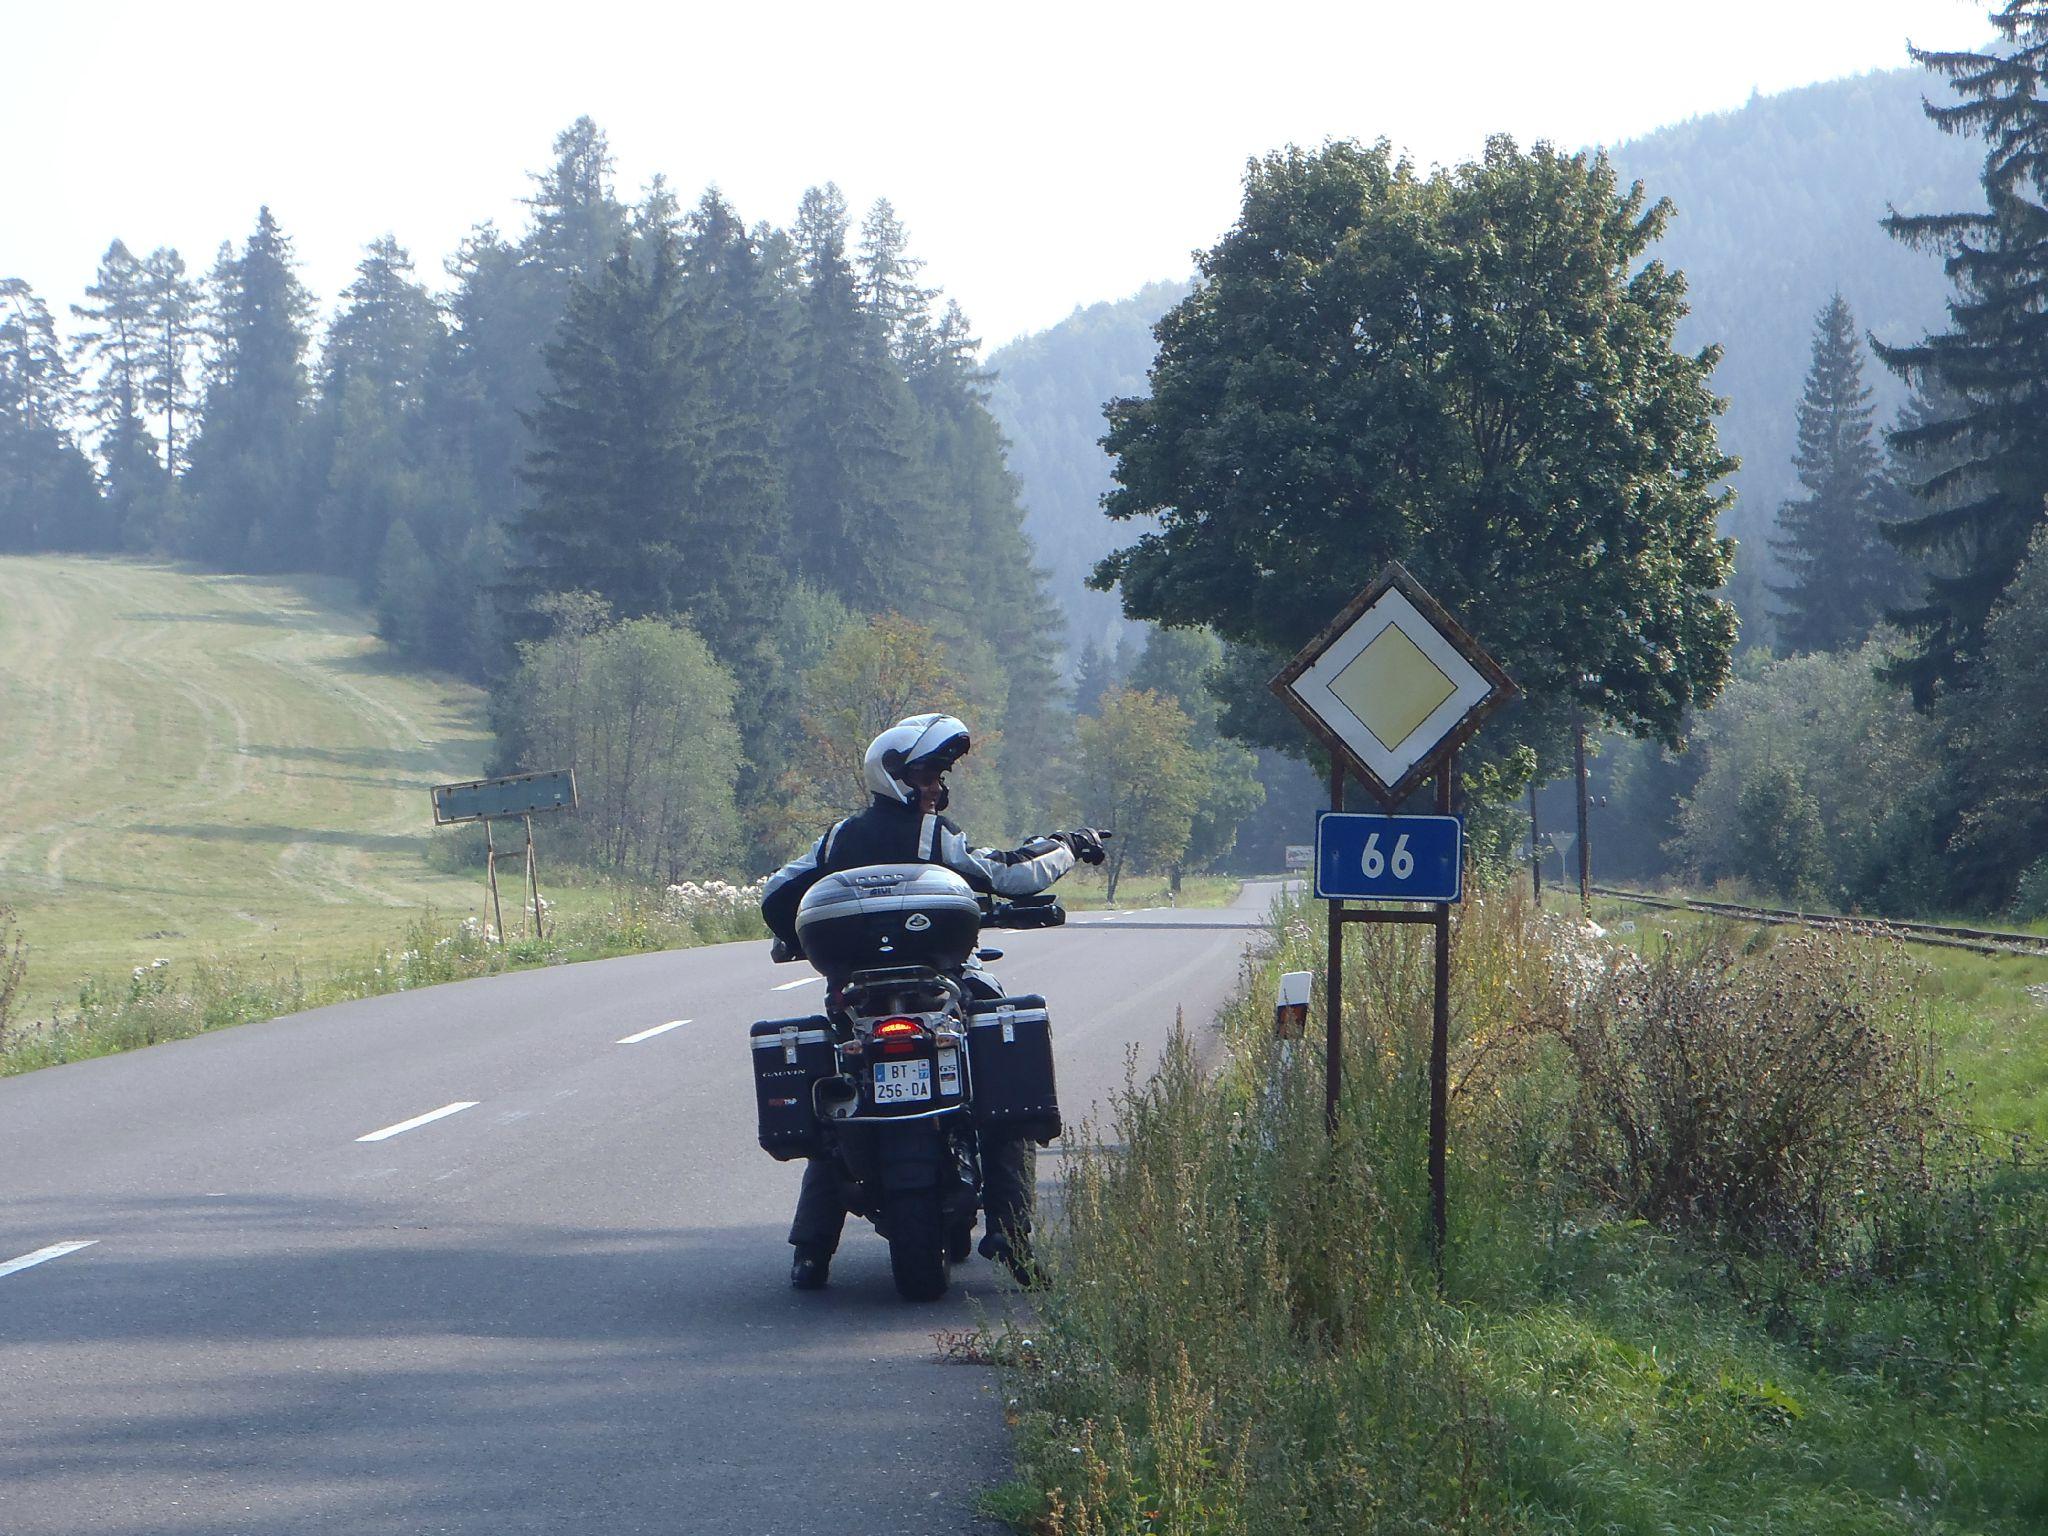 slovaquie - notre route 66